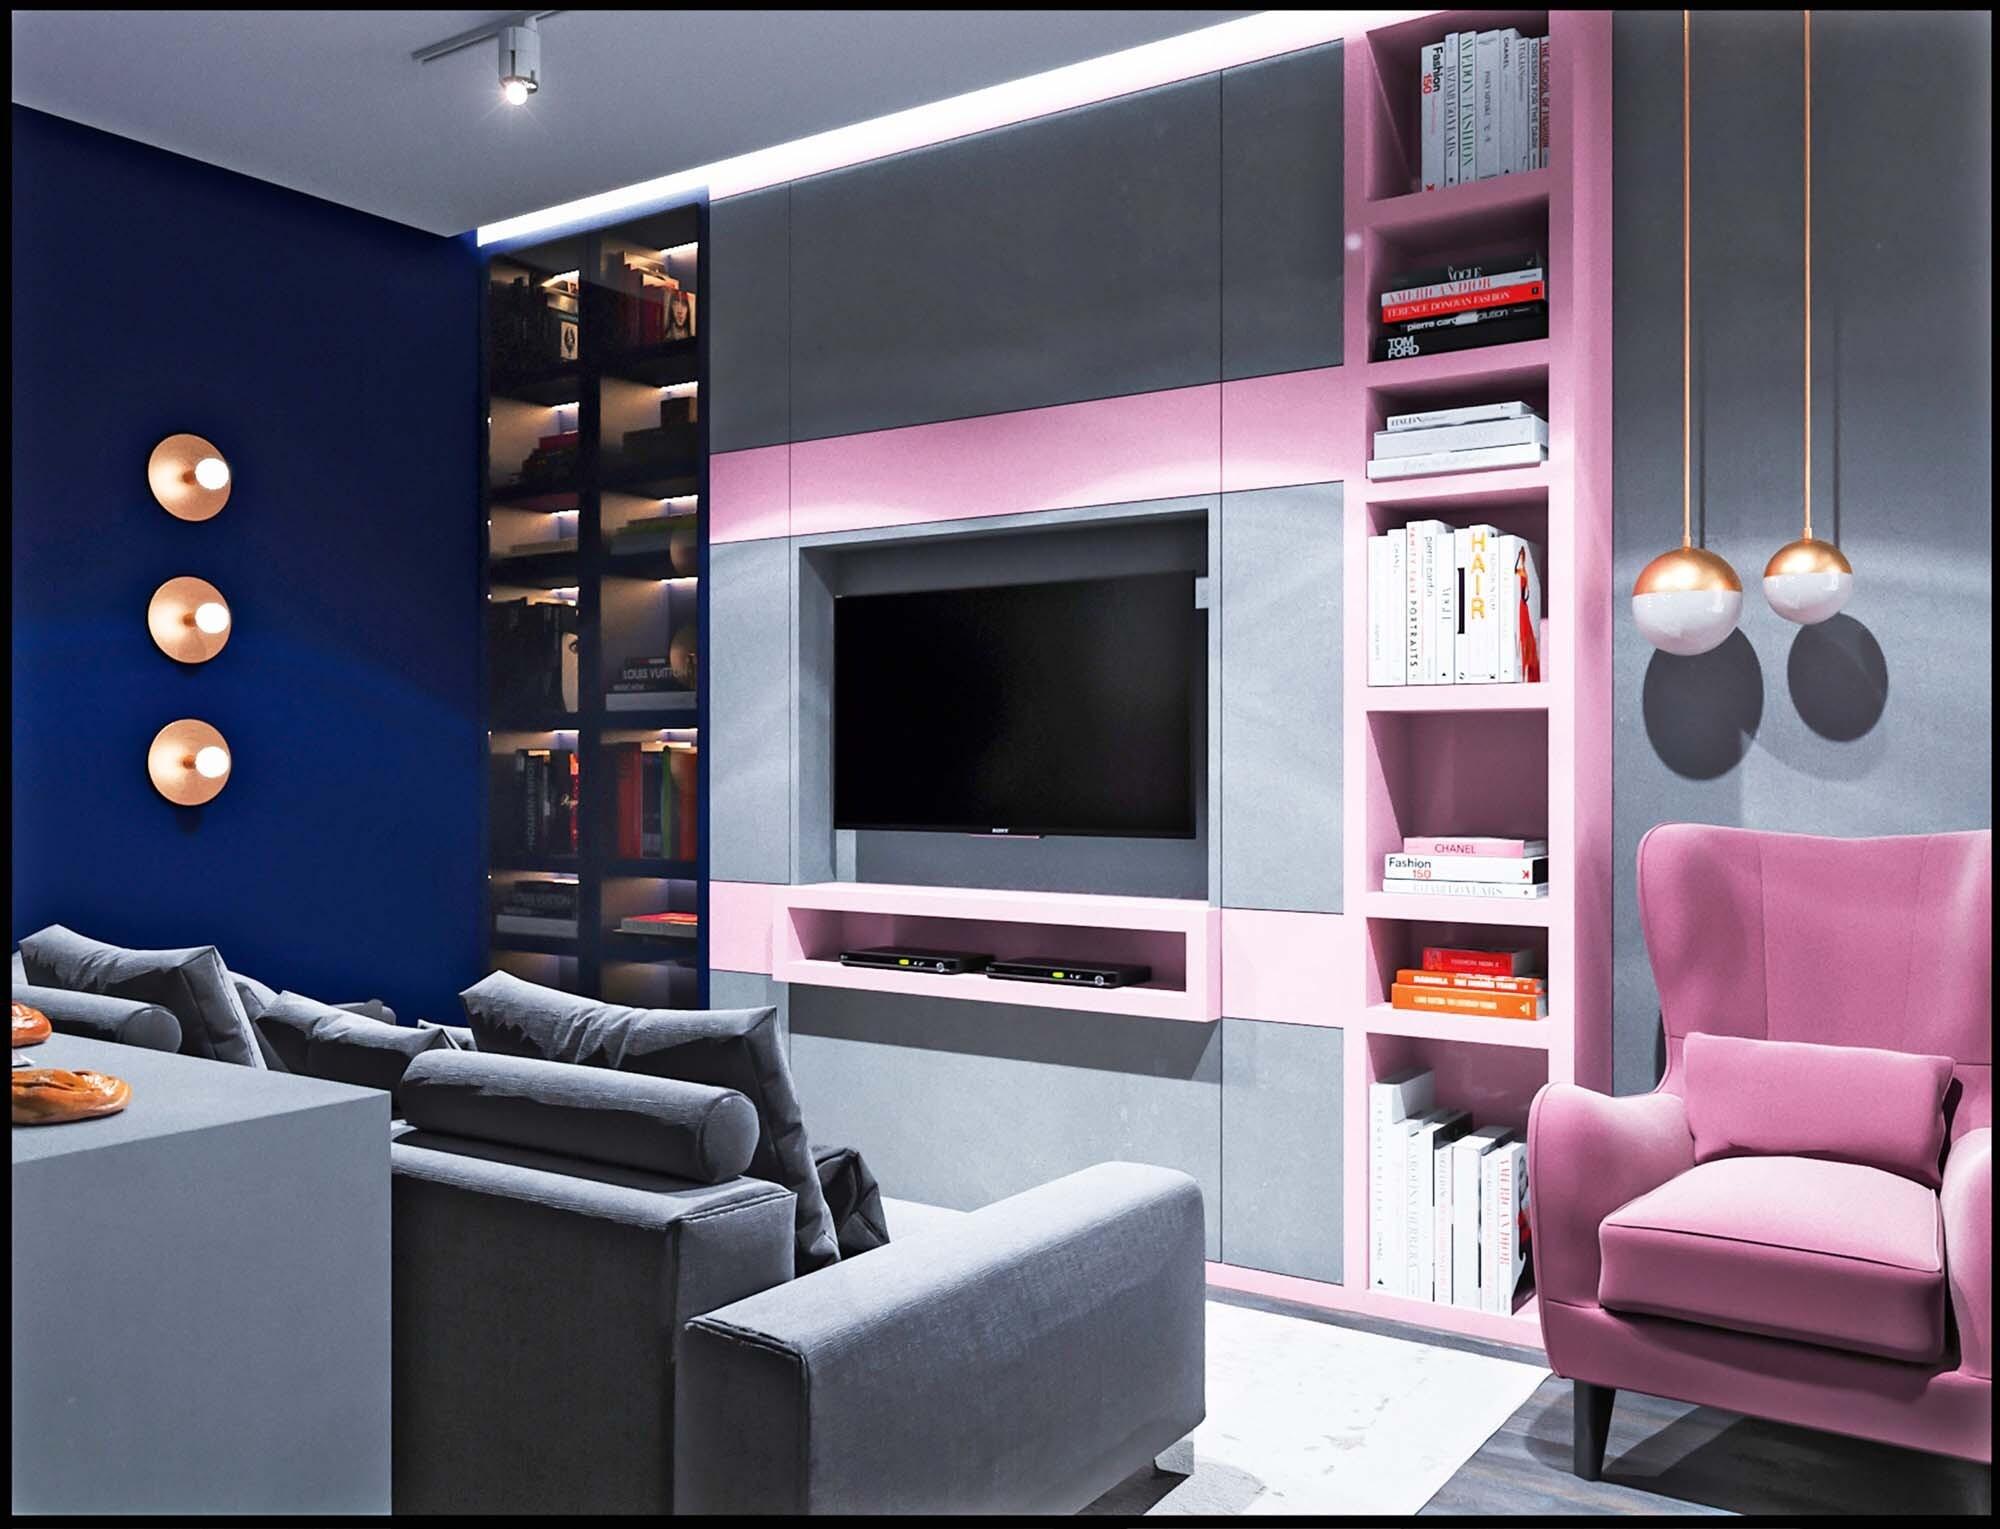 Однушка в сине-розовых тонах с мини-кабинетом и гостевым санузлом